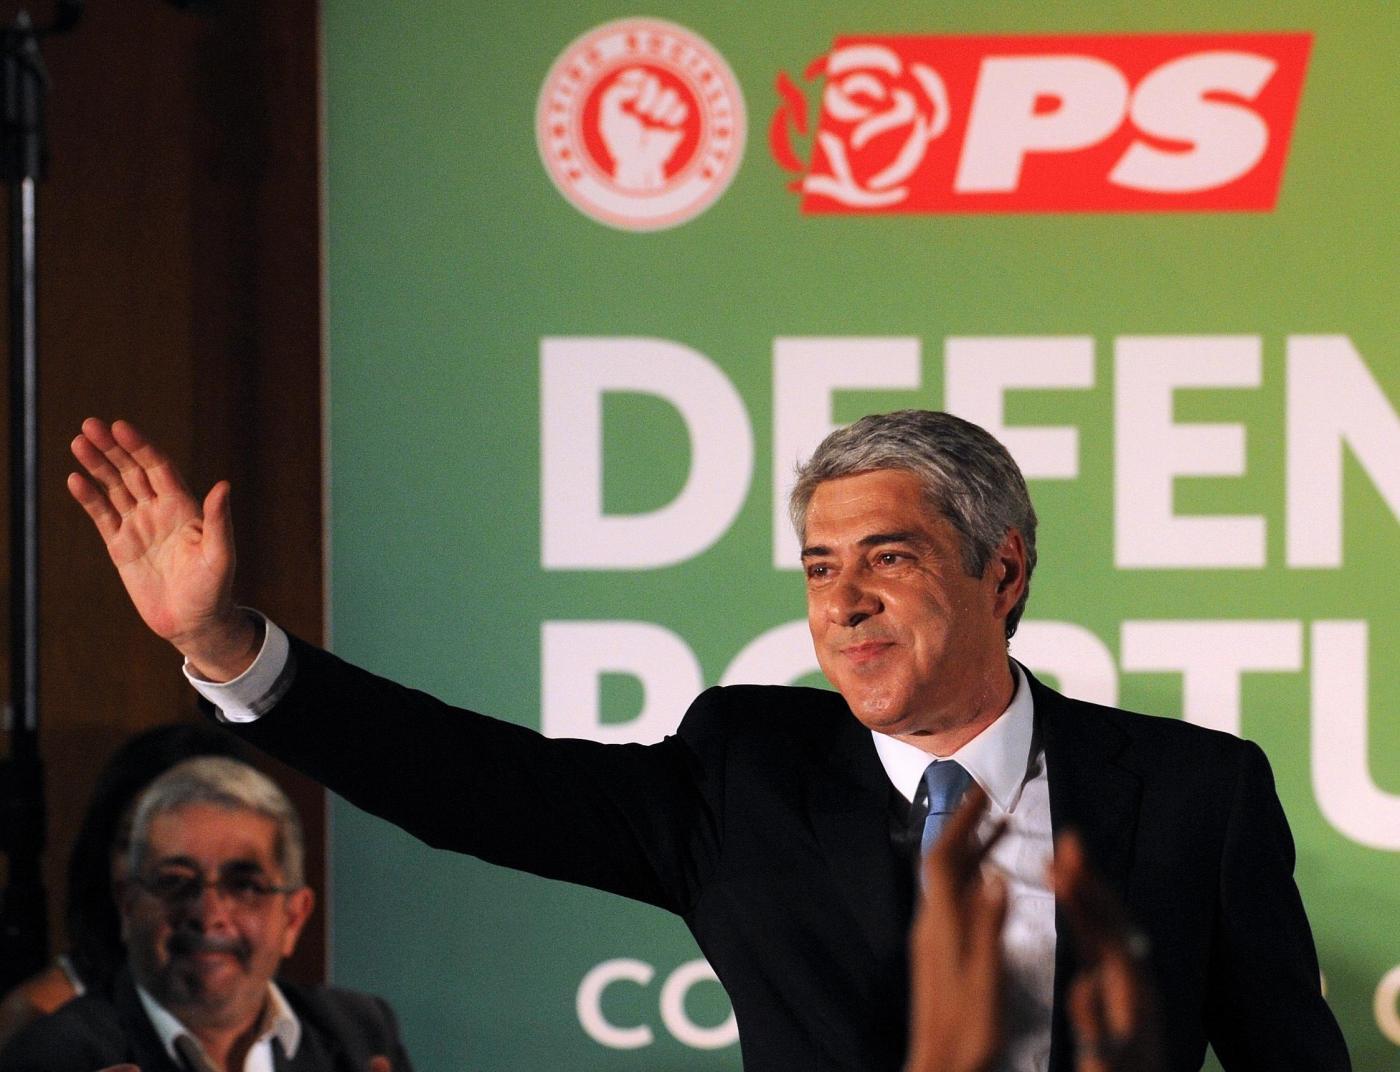 Portogallo: arrestato ex premier José Socrates con accusa di frode, riciclaggio e corruzione